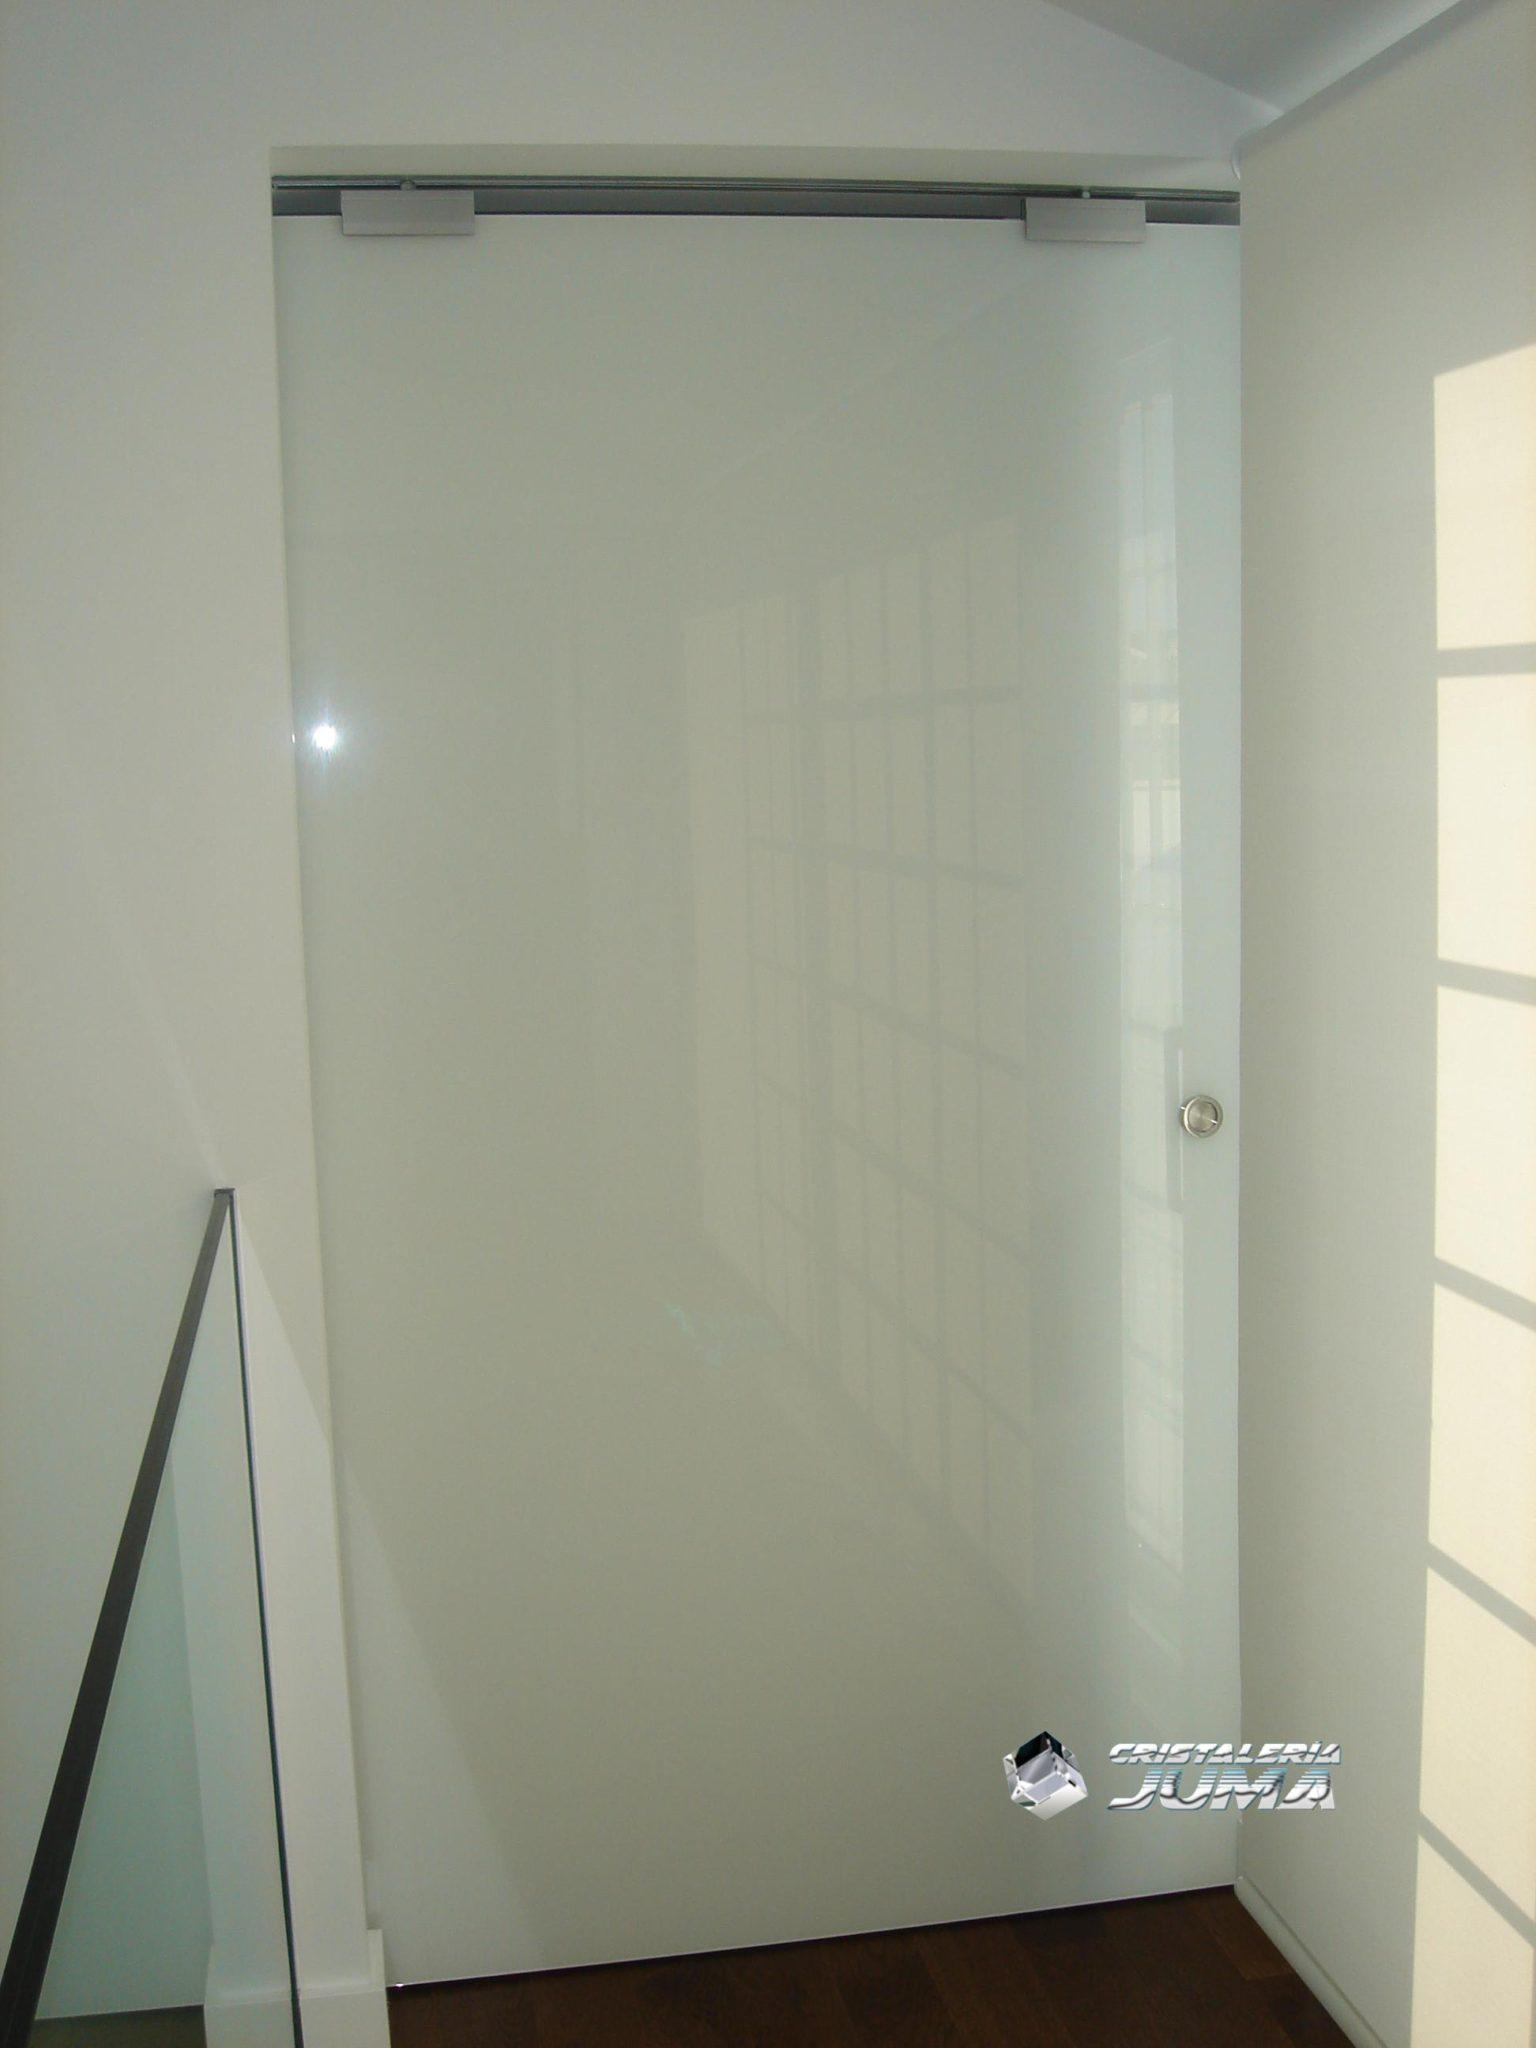 Puerta corredera de vidrio amazing imagen de puerta for Puerta corredera automatica vidrio